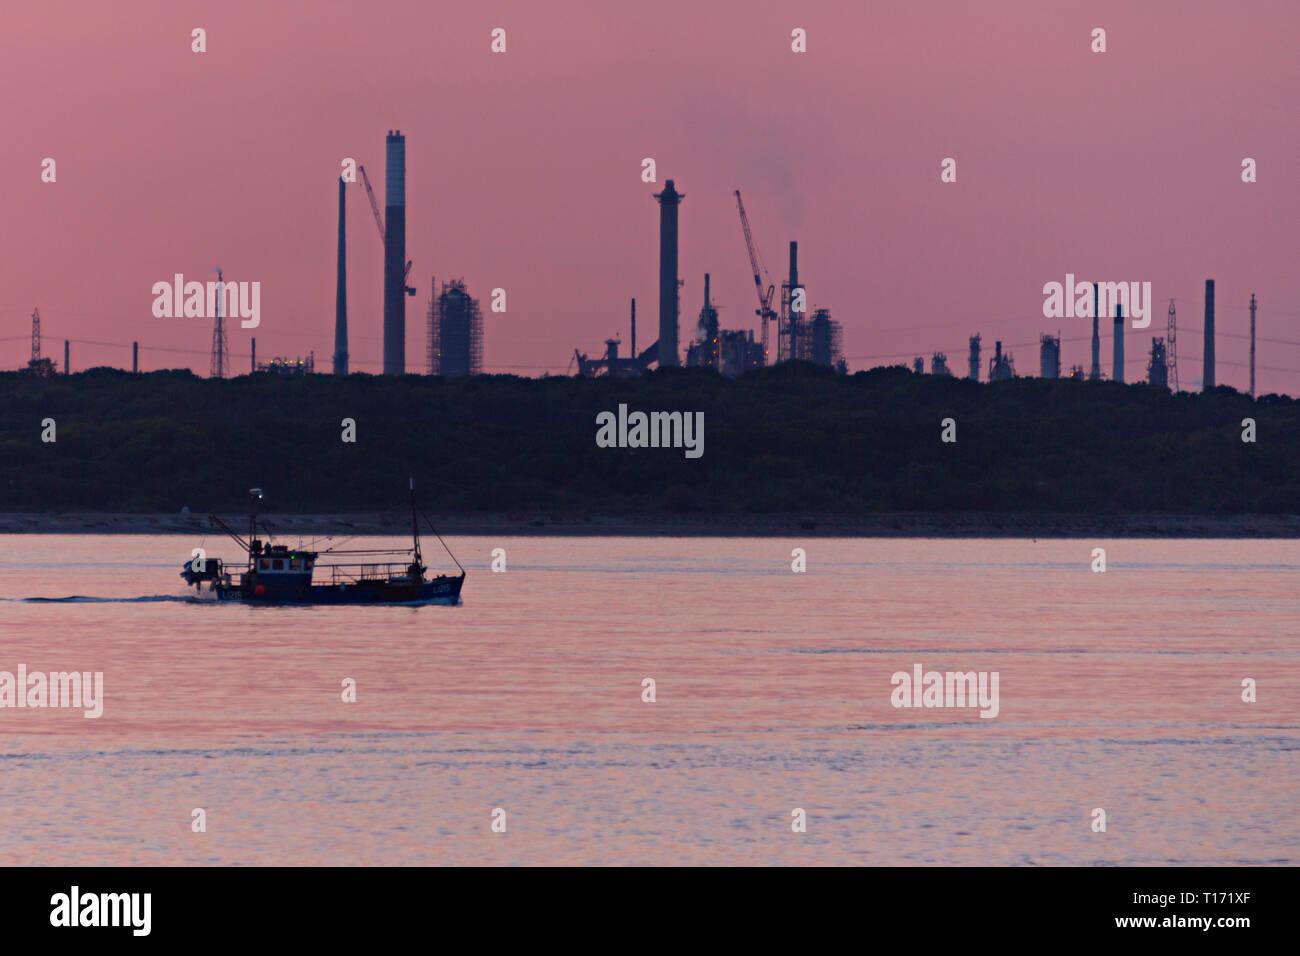 La refinería de Fawley, aceite,,contaminación,pesca,barco,langostas, cangrejos, ostras,macetas,long,line,arrastrero, puesta de sol, amanecer,el Solent, Cowes, Isla de Wight, Inglaterra,Reino Unido, Foto de stock